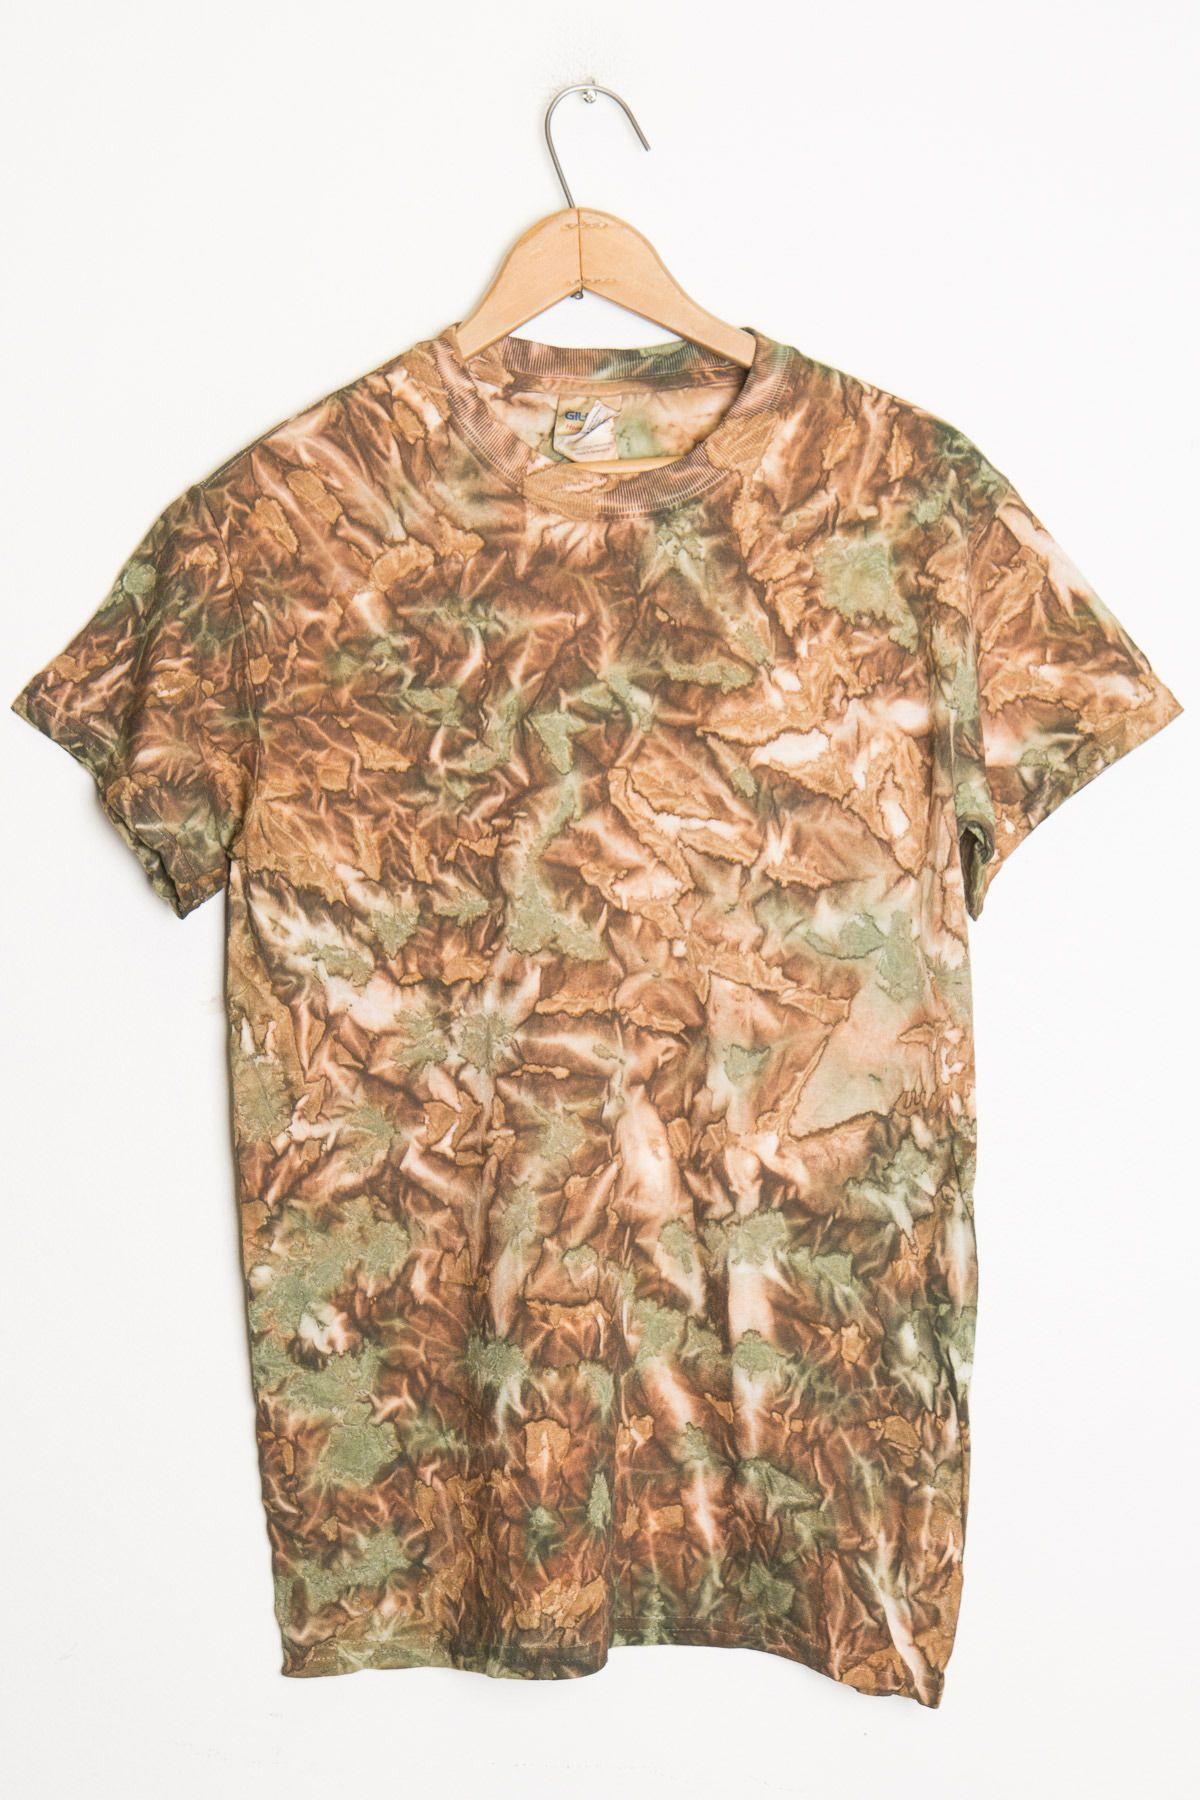 512e88ea Camo Tie Dye Tee Shirt | Mens | Shirts, Camo tie, Tie dye t shirts